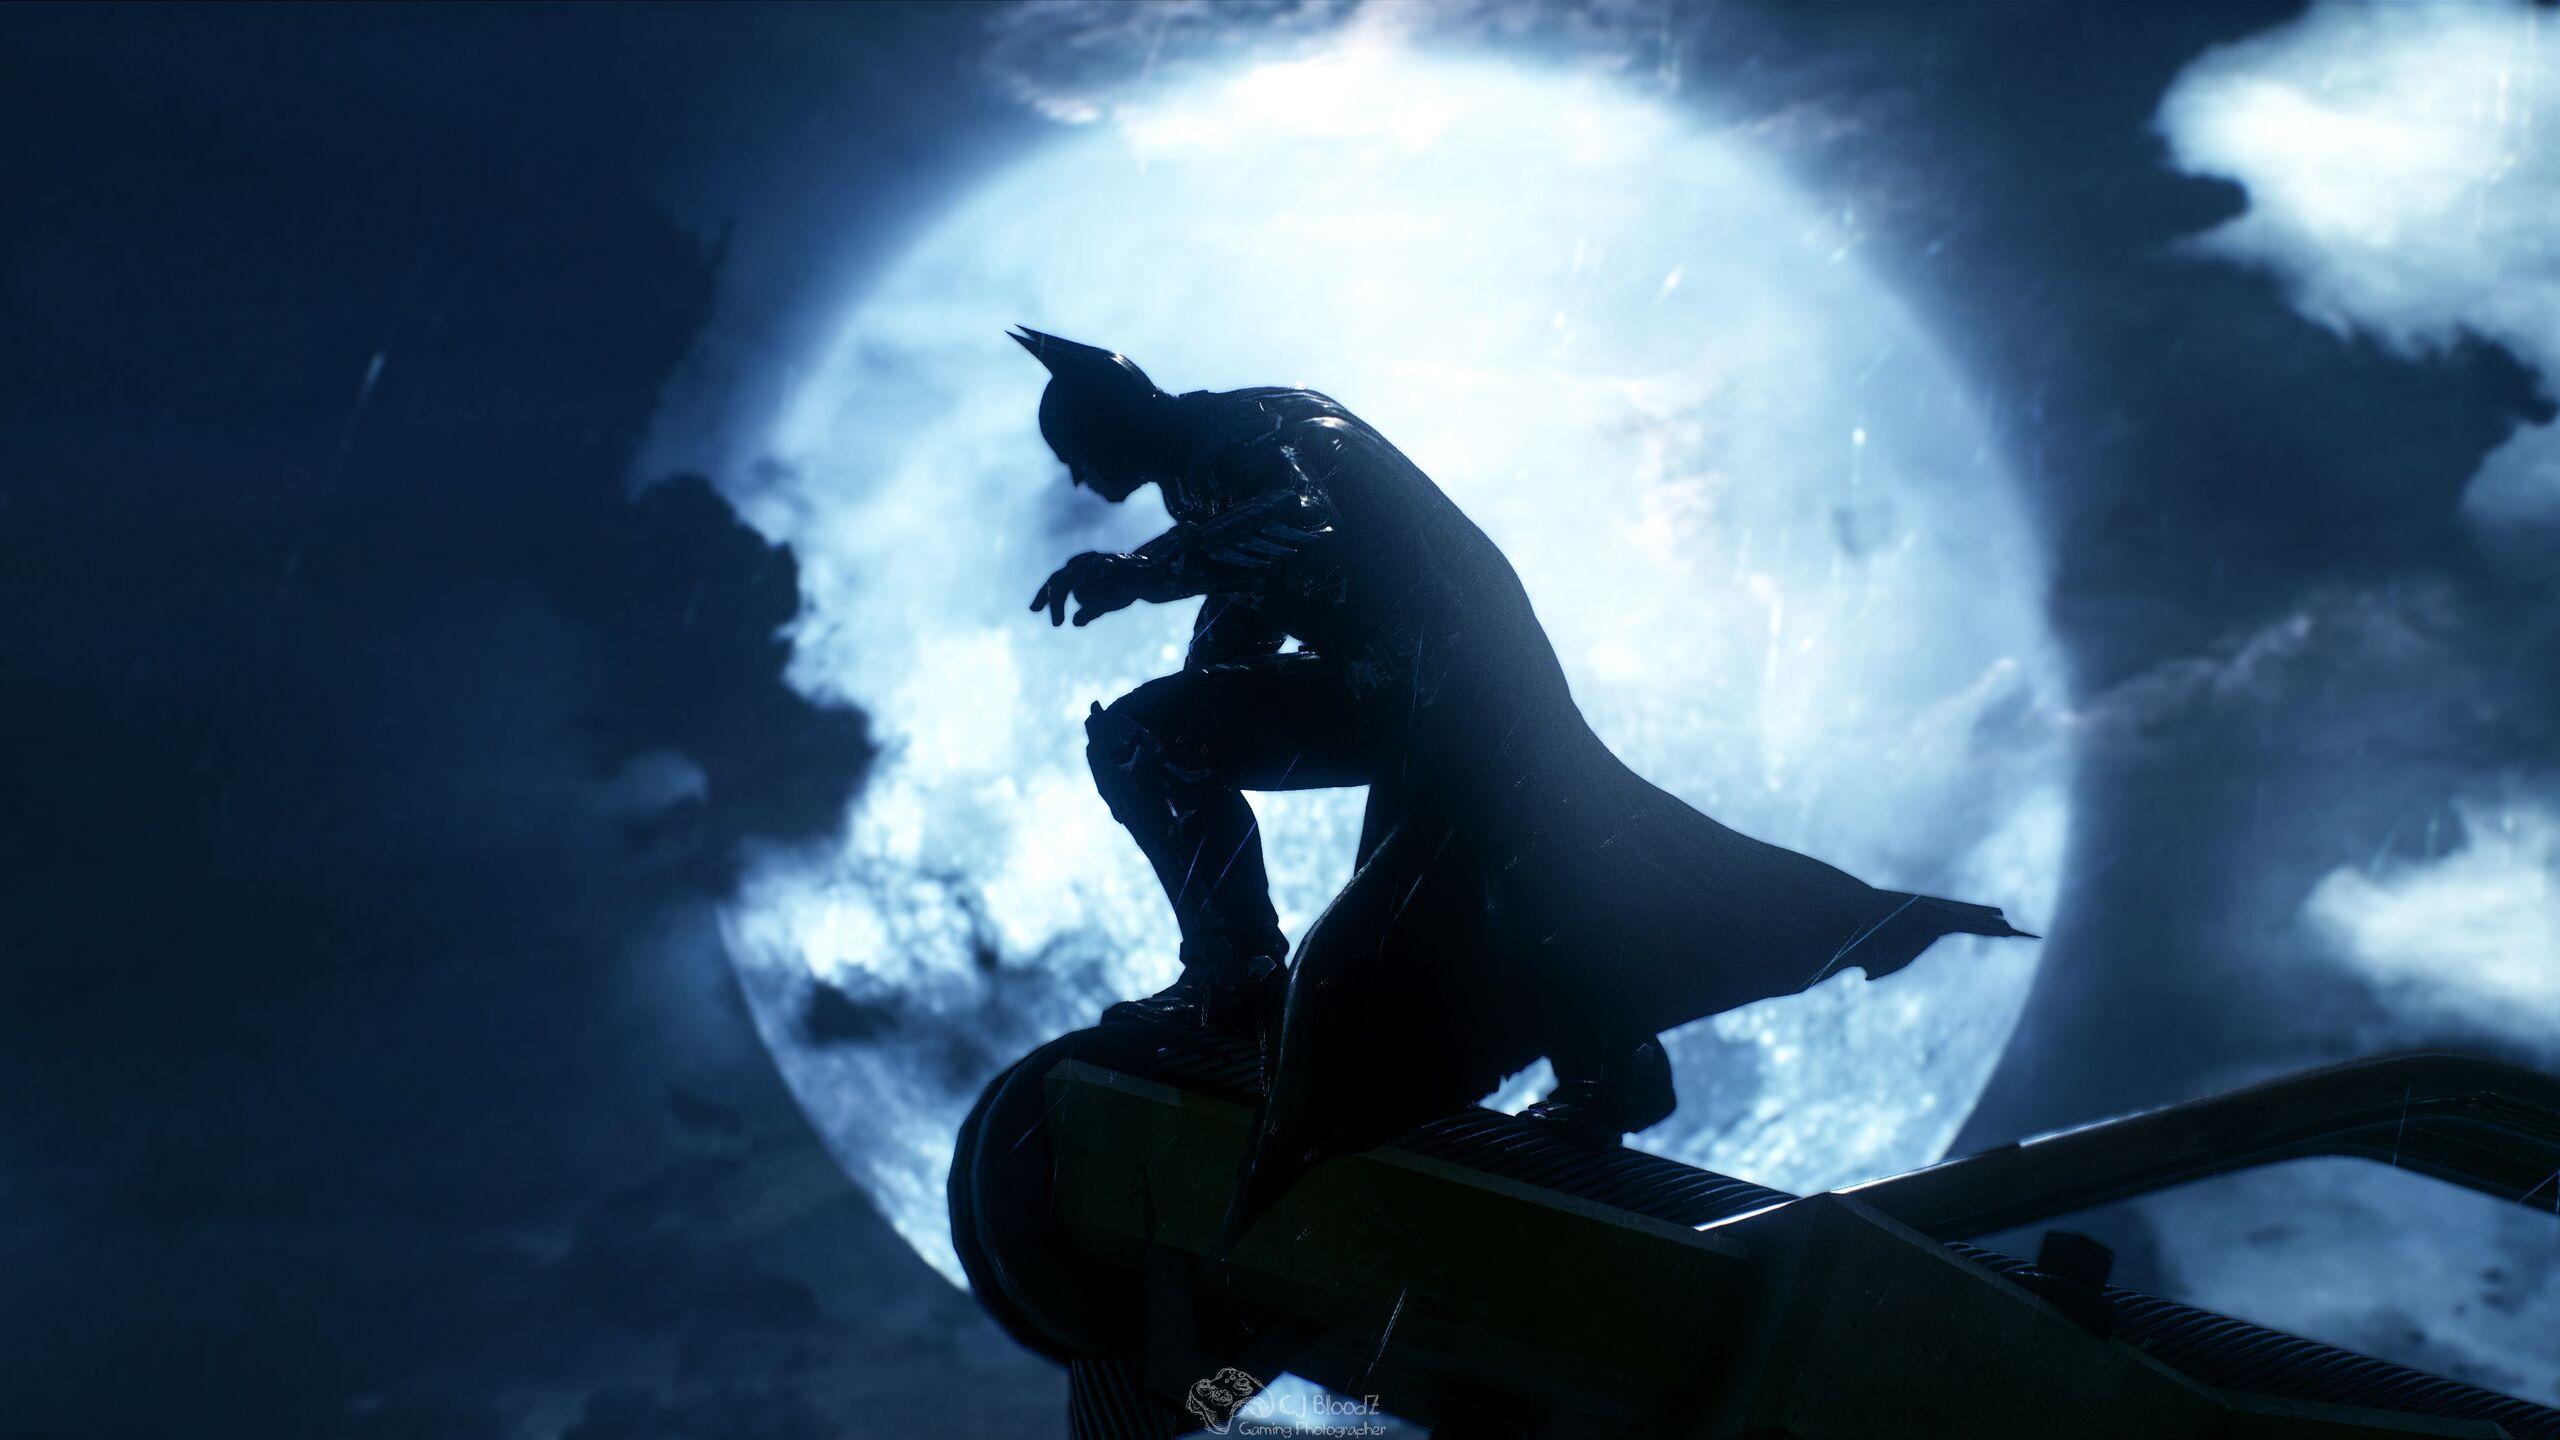 2560x1440 Batman In Batman Arkham Knight 4k 1440p Resolution